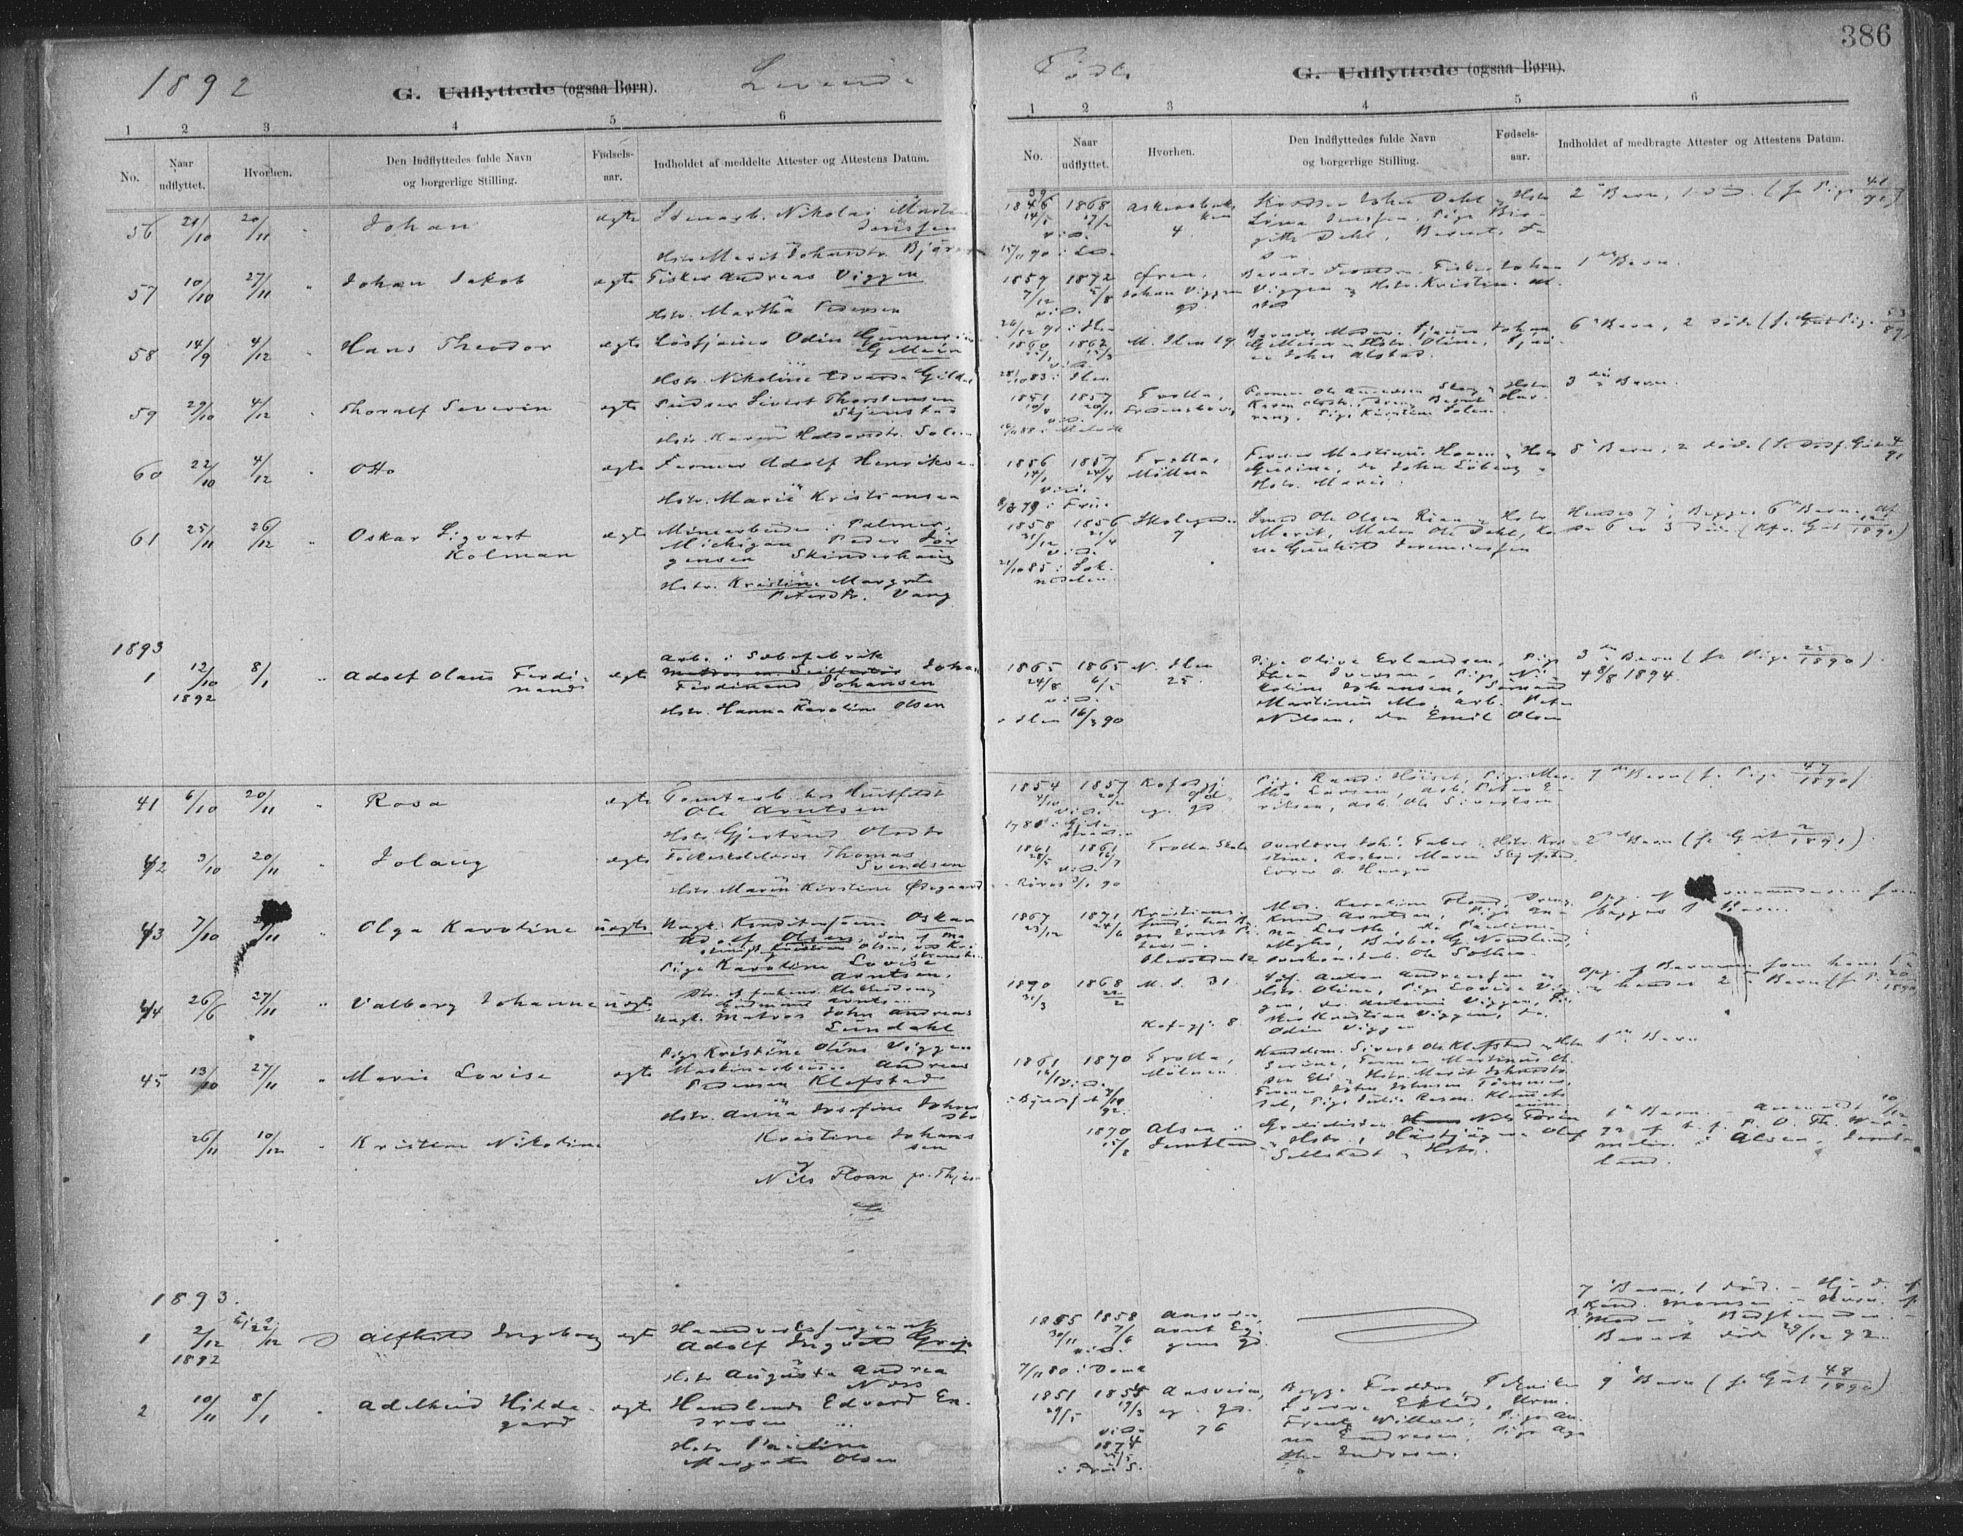 SAT, Ministerialprotokoller, klokkerbøker og fødselsregistre - Sør-Trøndelag, 603/L0163: Ministerialbok nr. 603A02, 1879-1895, s. 386